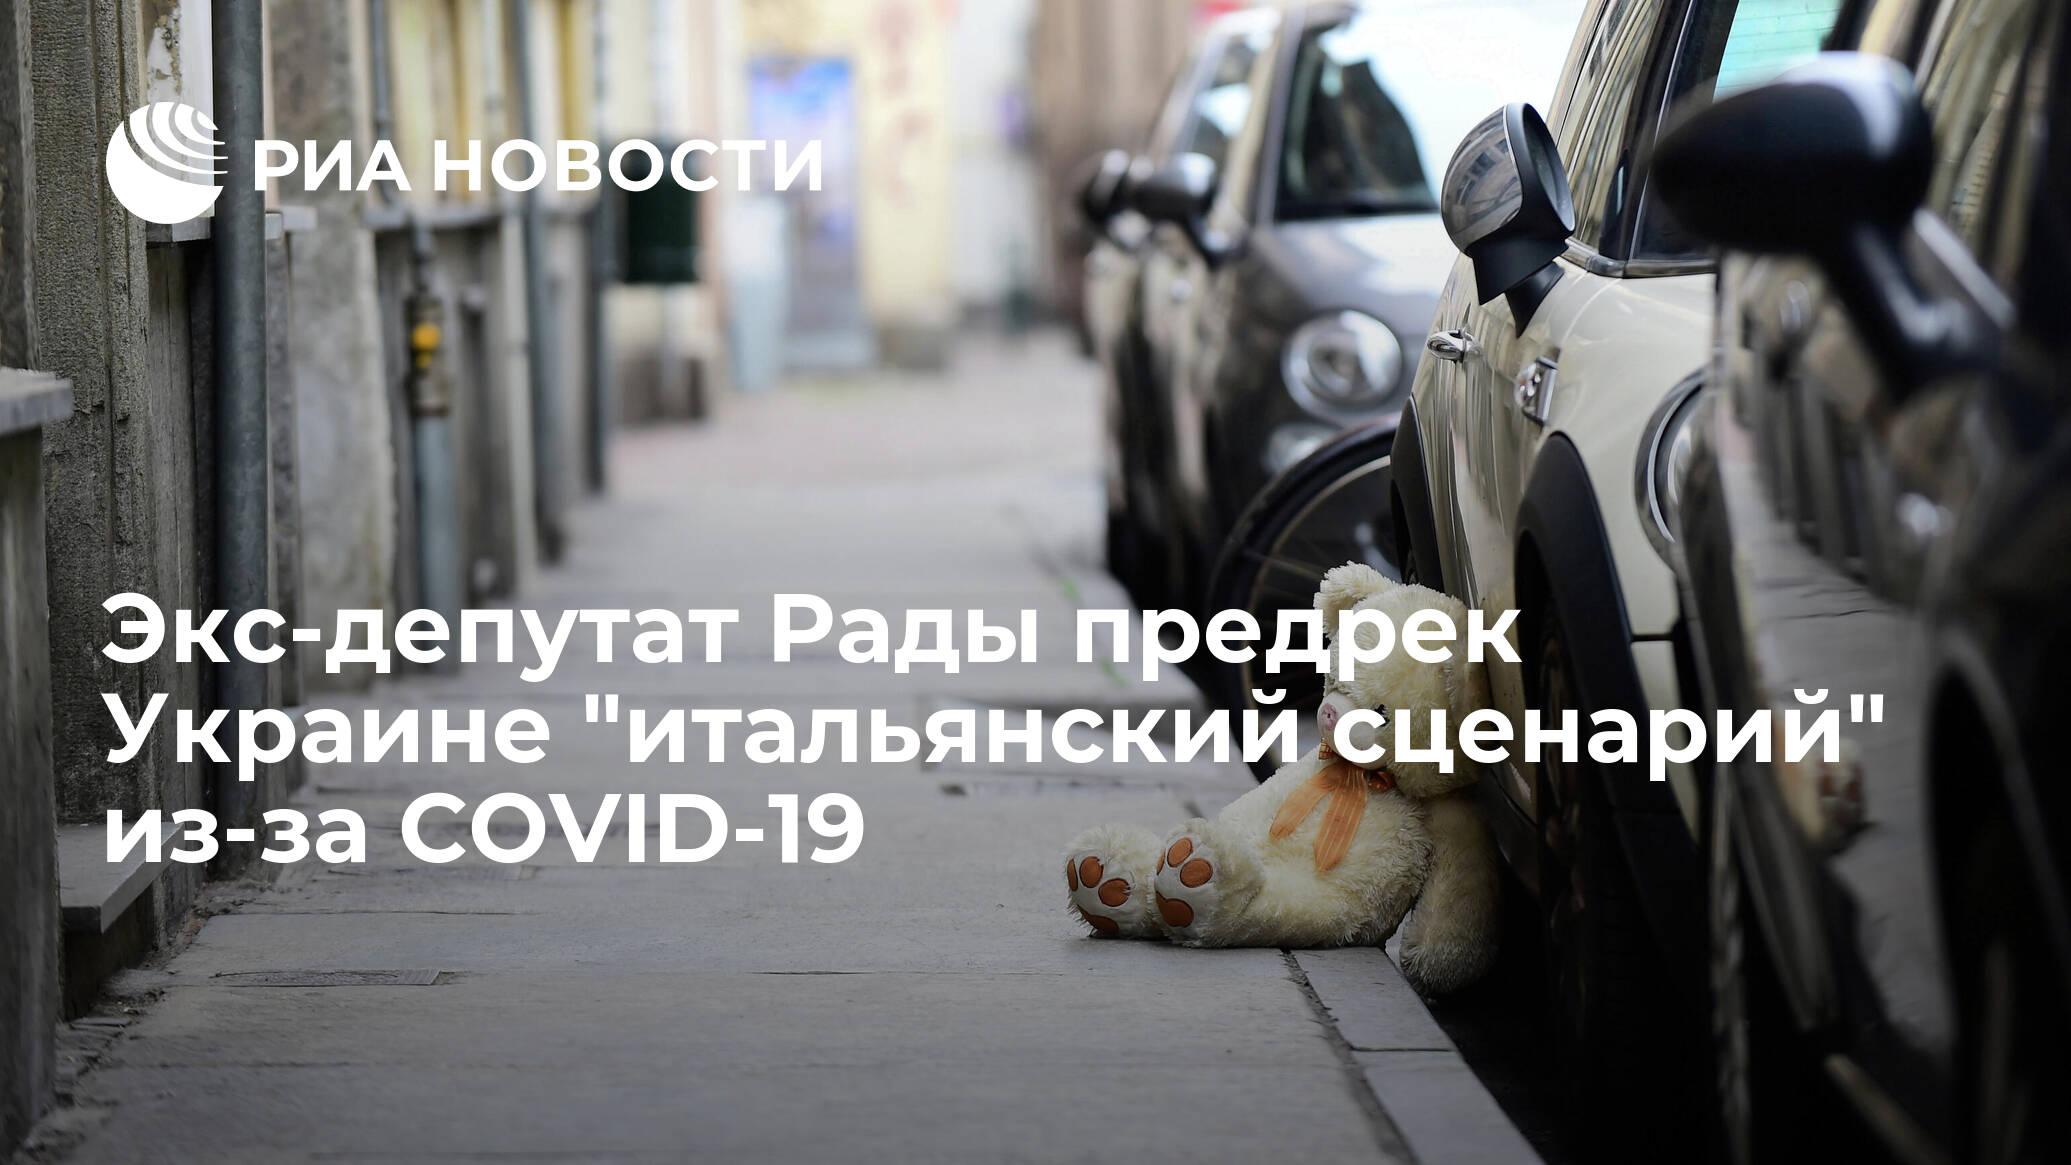 Экс-депутат Рады предрек Украине `итальянский сценарий` из-за COVID-19